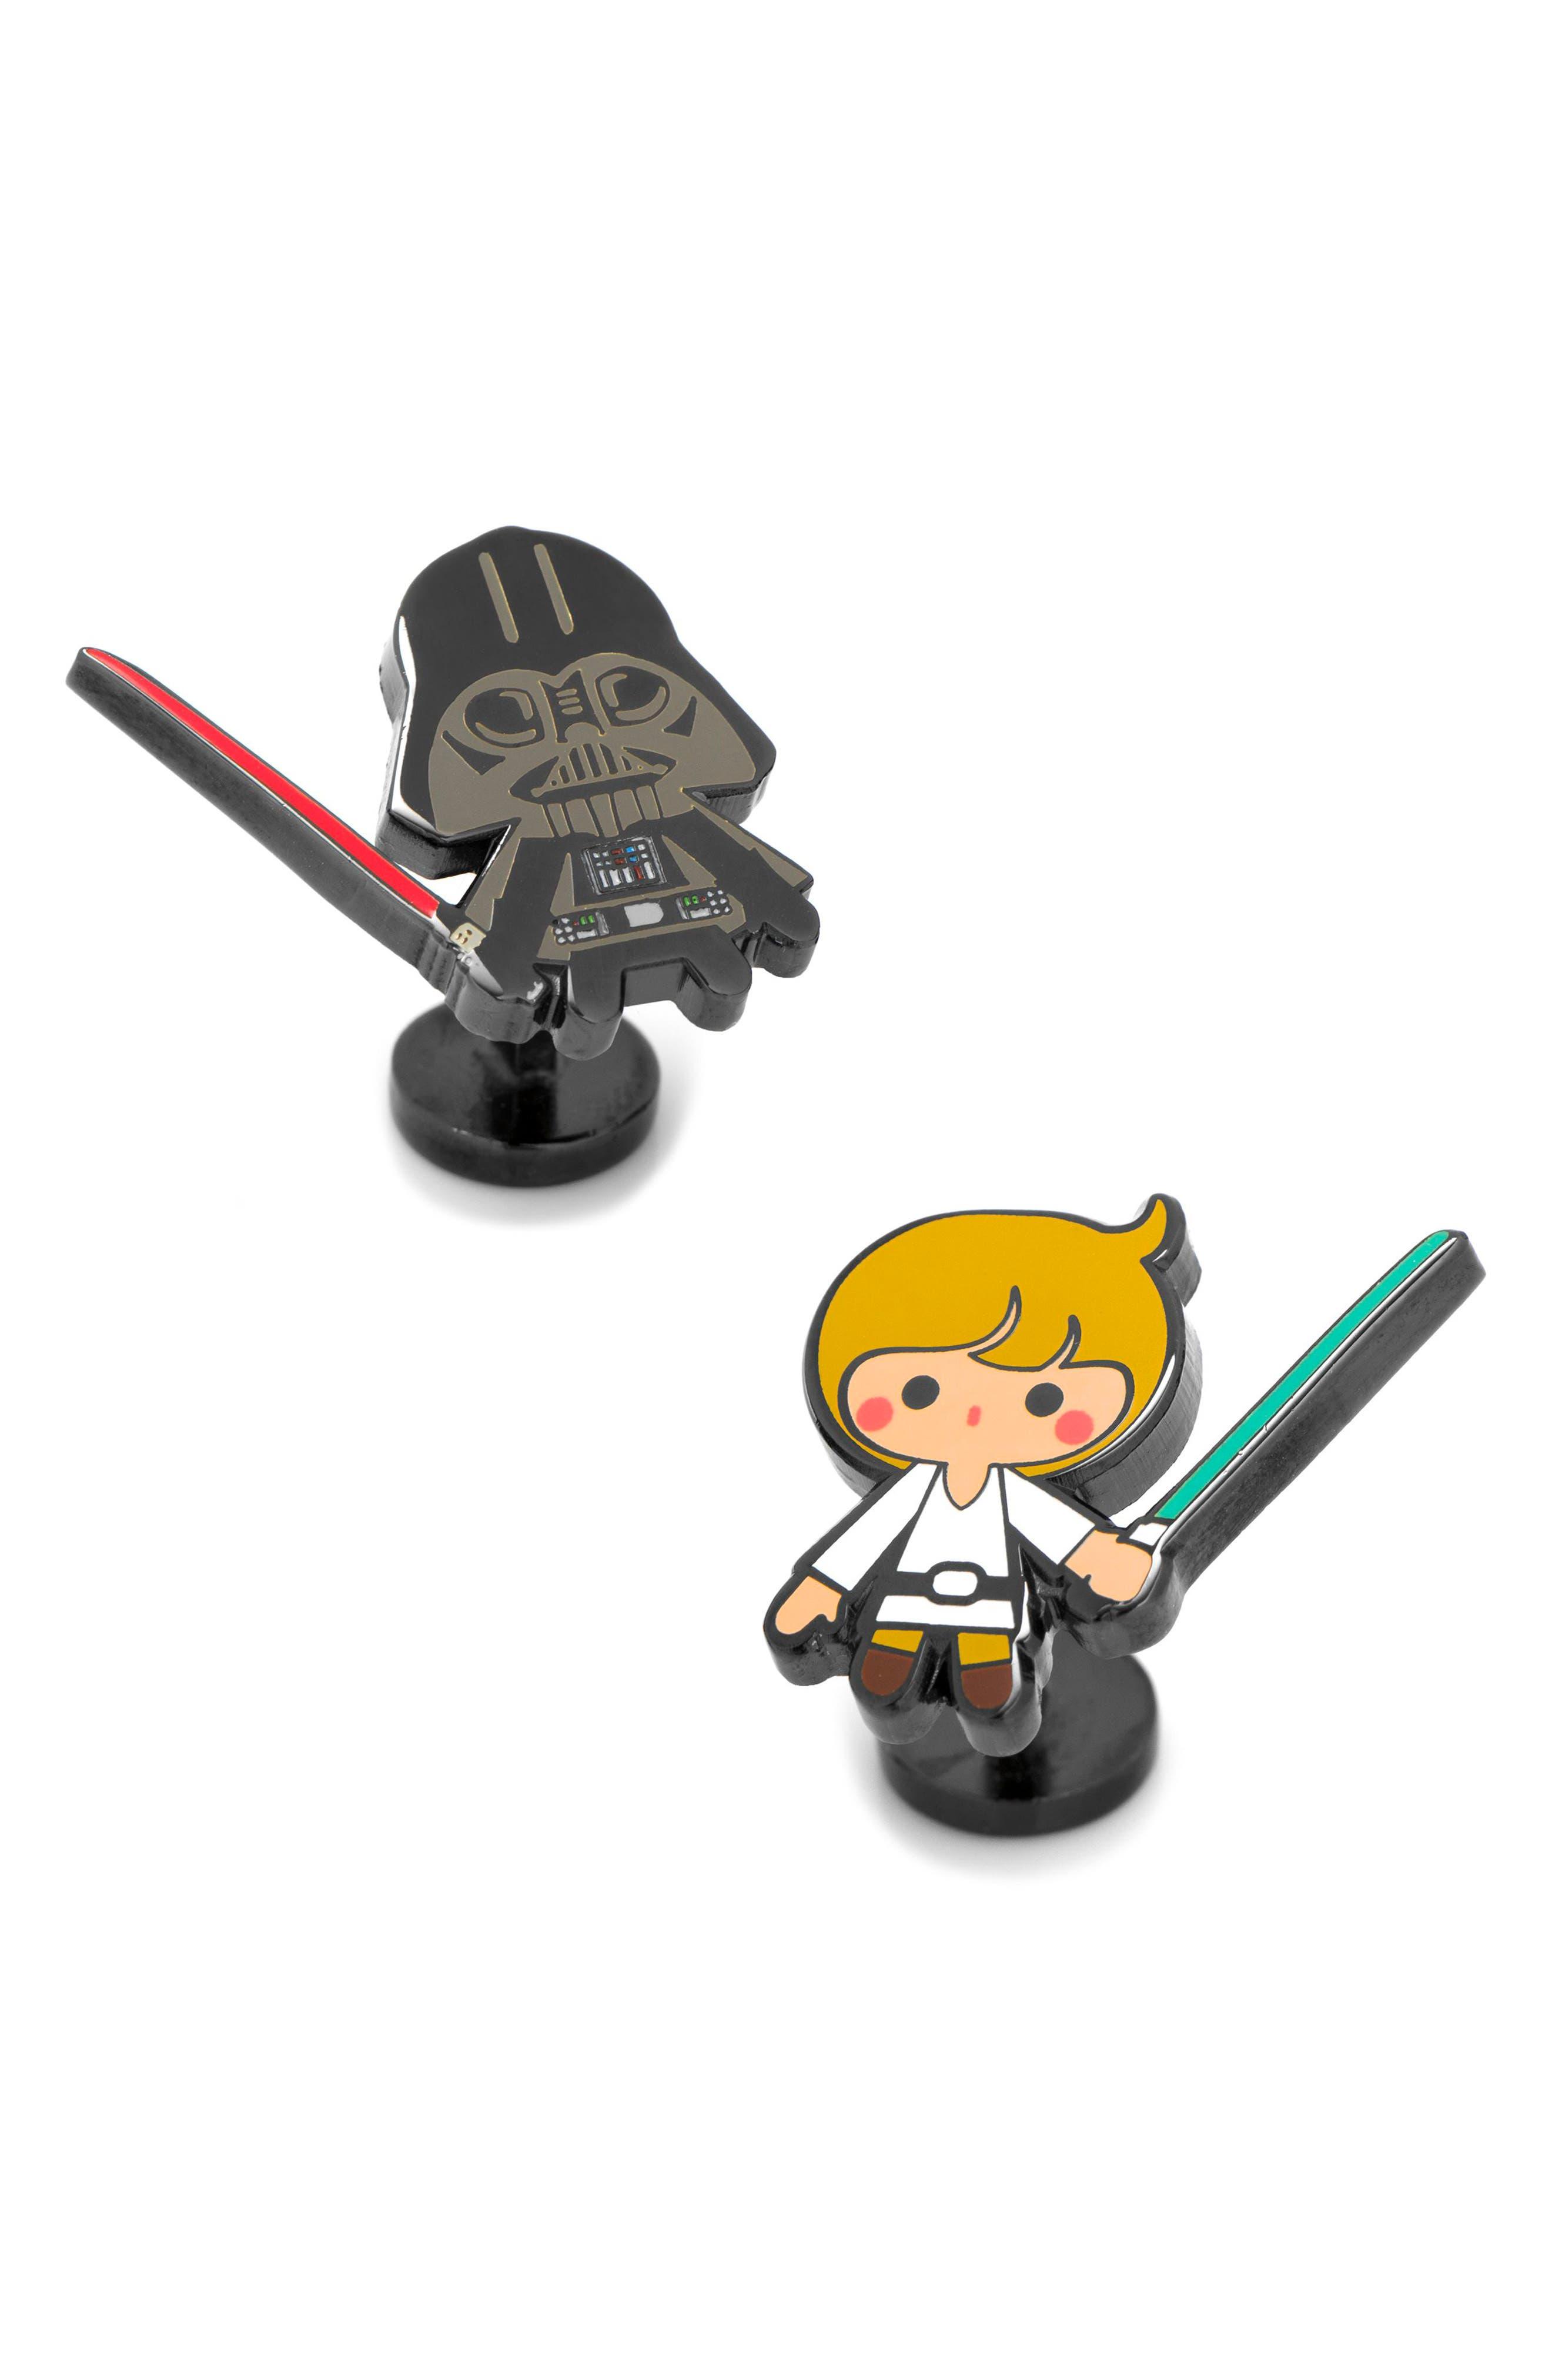 Luke & Darth Vader Cuff Links,                             Main thumbnail 1, color,                             100